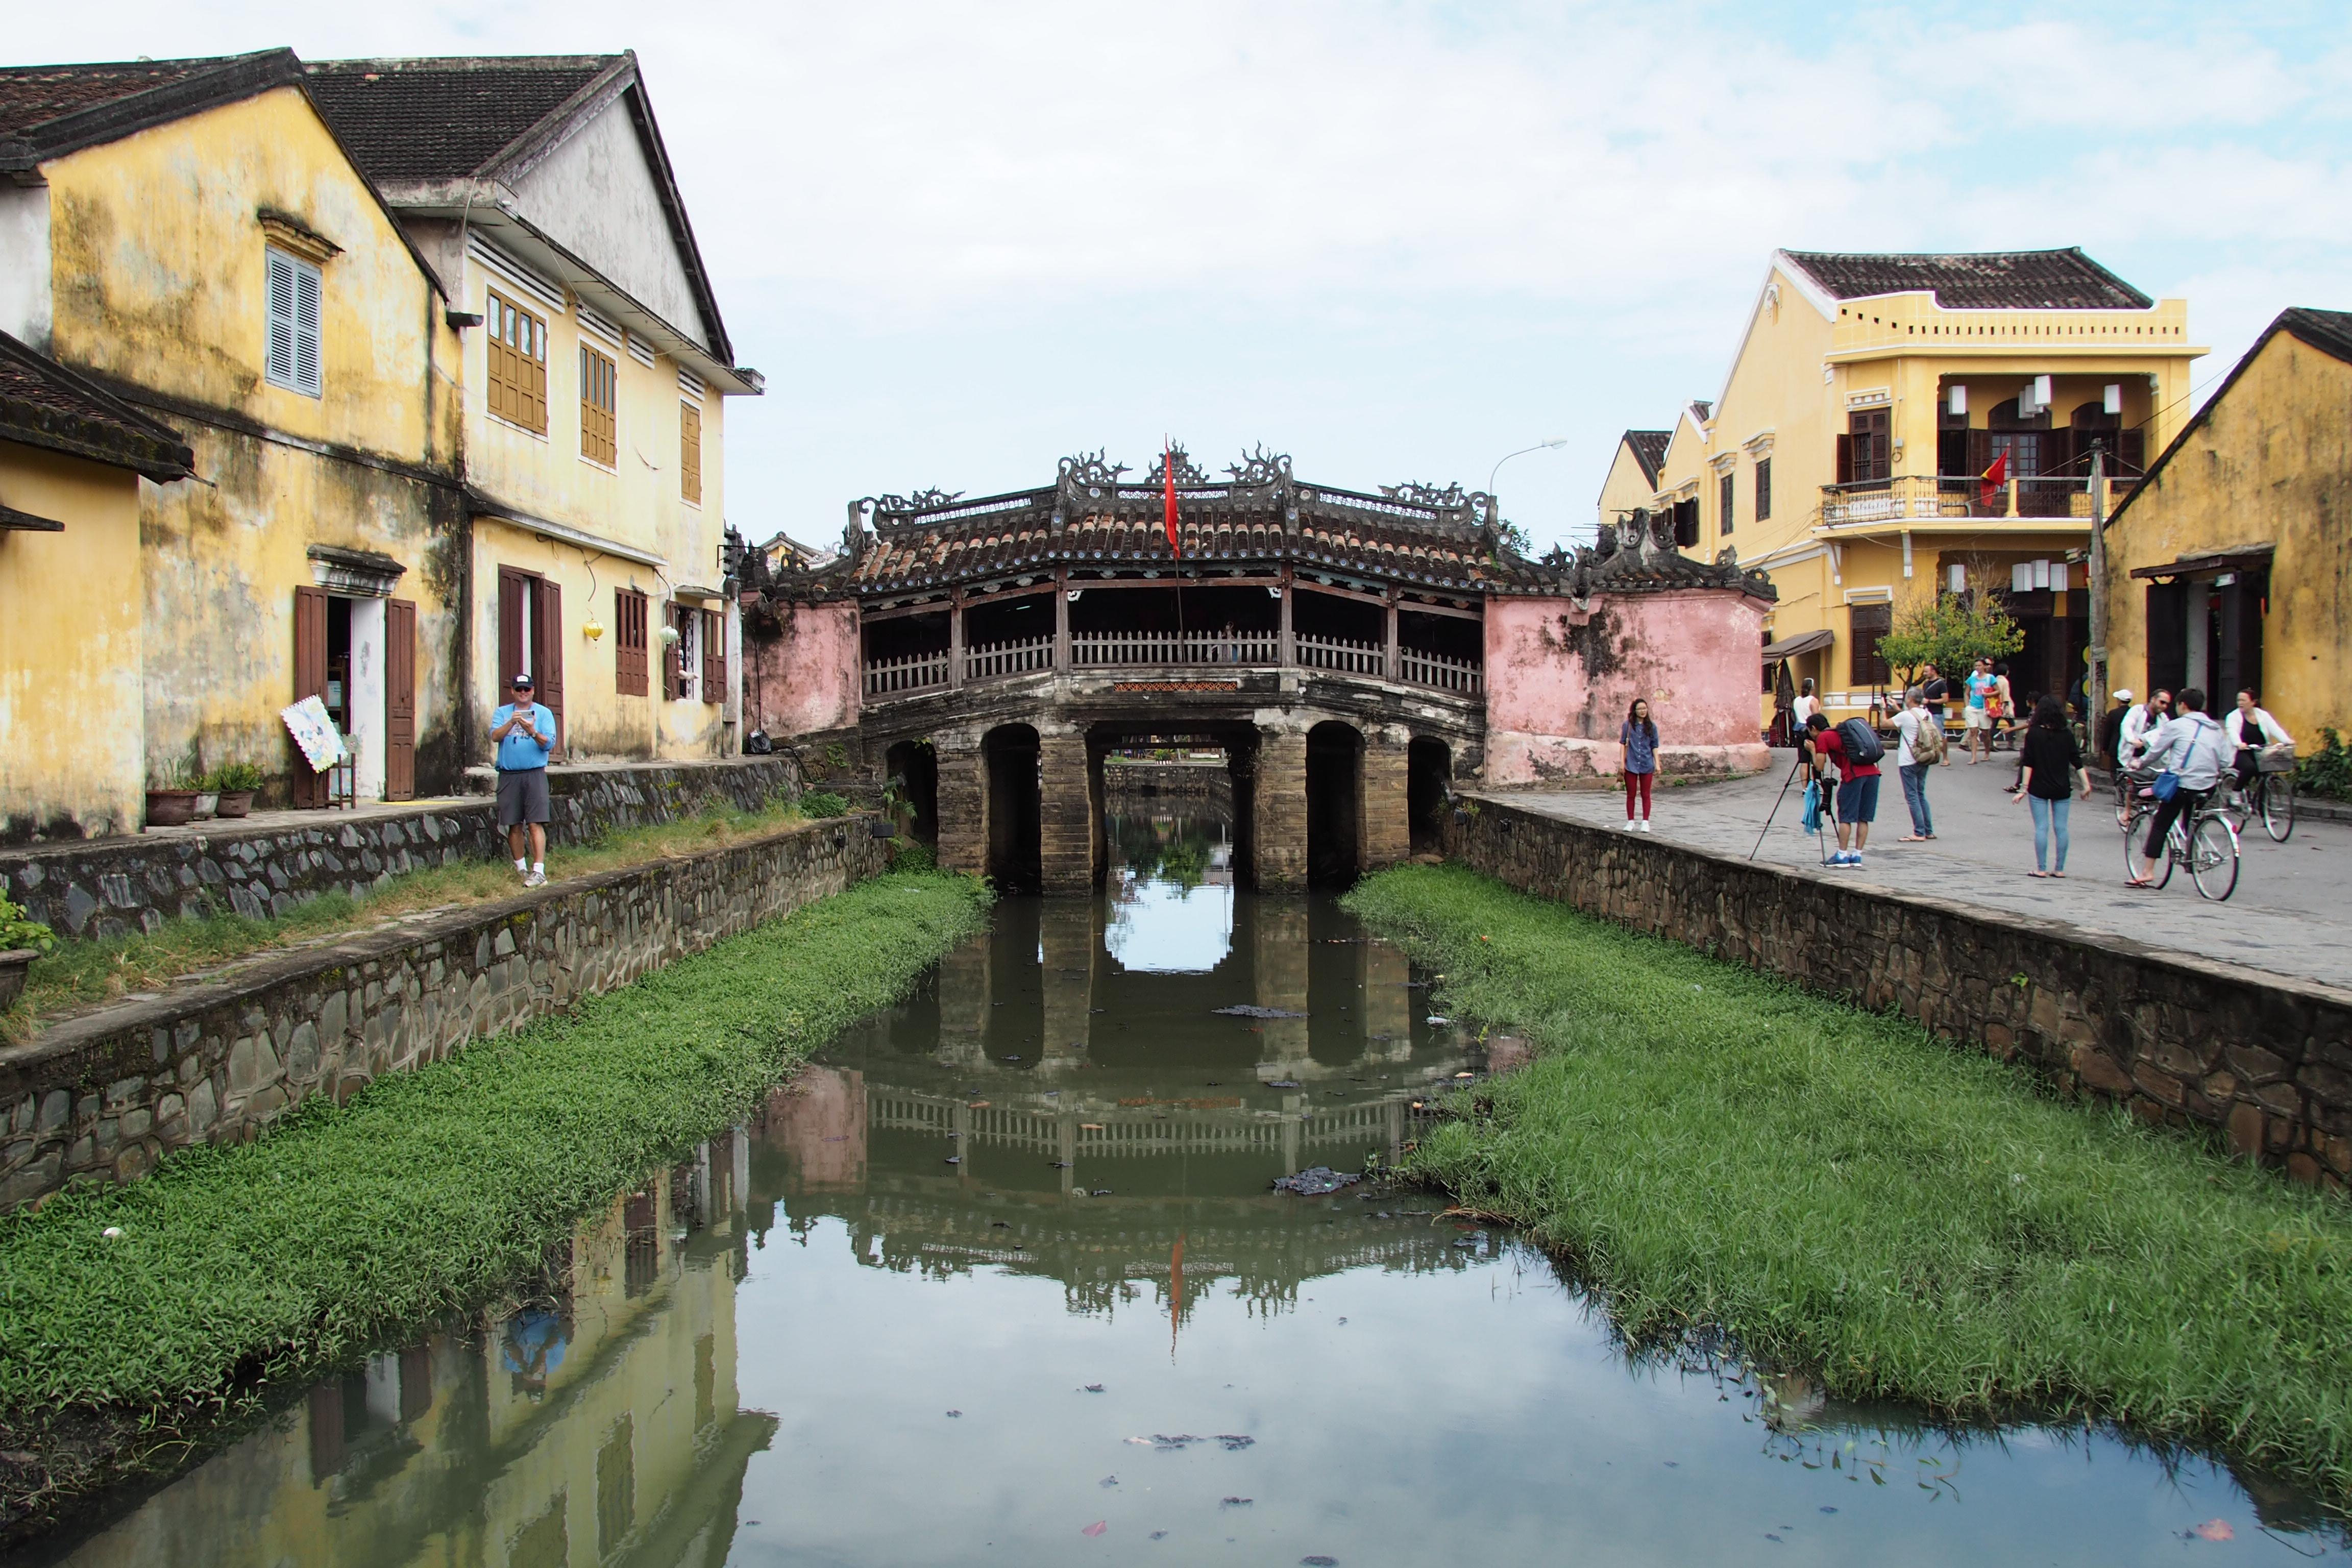 Hoi an ancienne cit coloniale une ann e sympathique for Acheter maison au vietnam